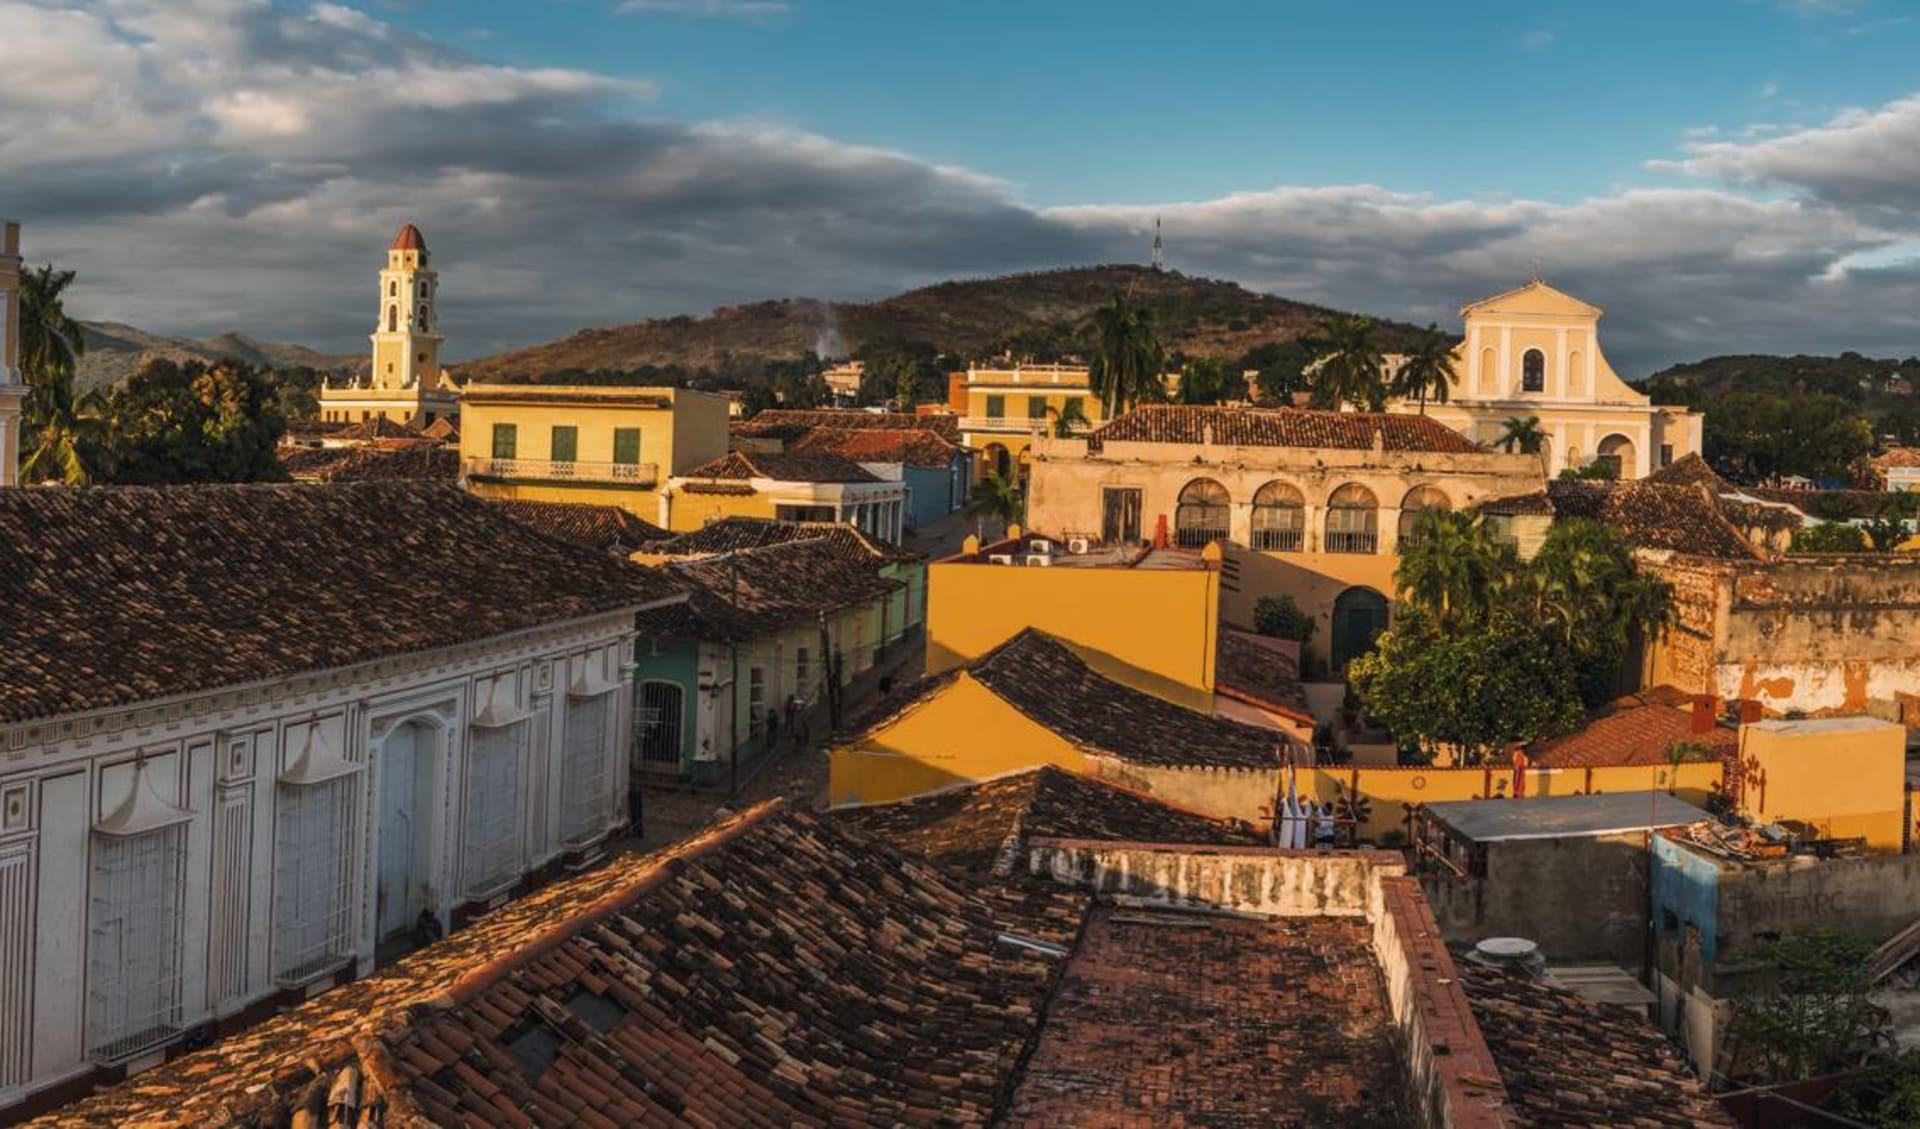 PREMIUM: Dreams Cuba West ab Havanna: Stadt Trinidad - Panorama Trinidad - c